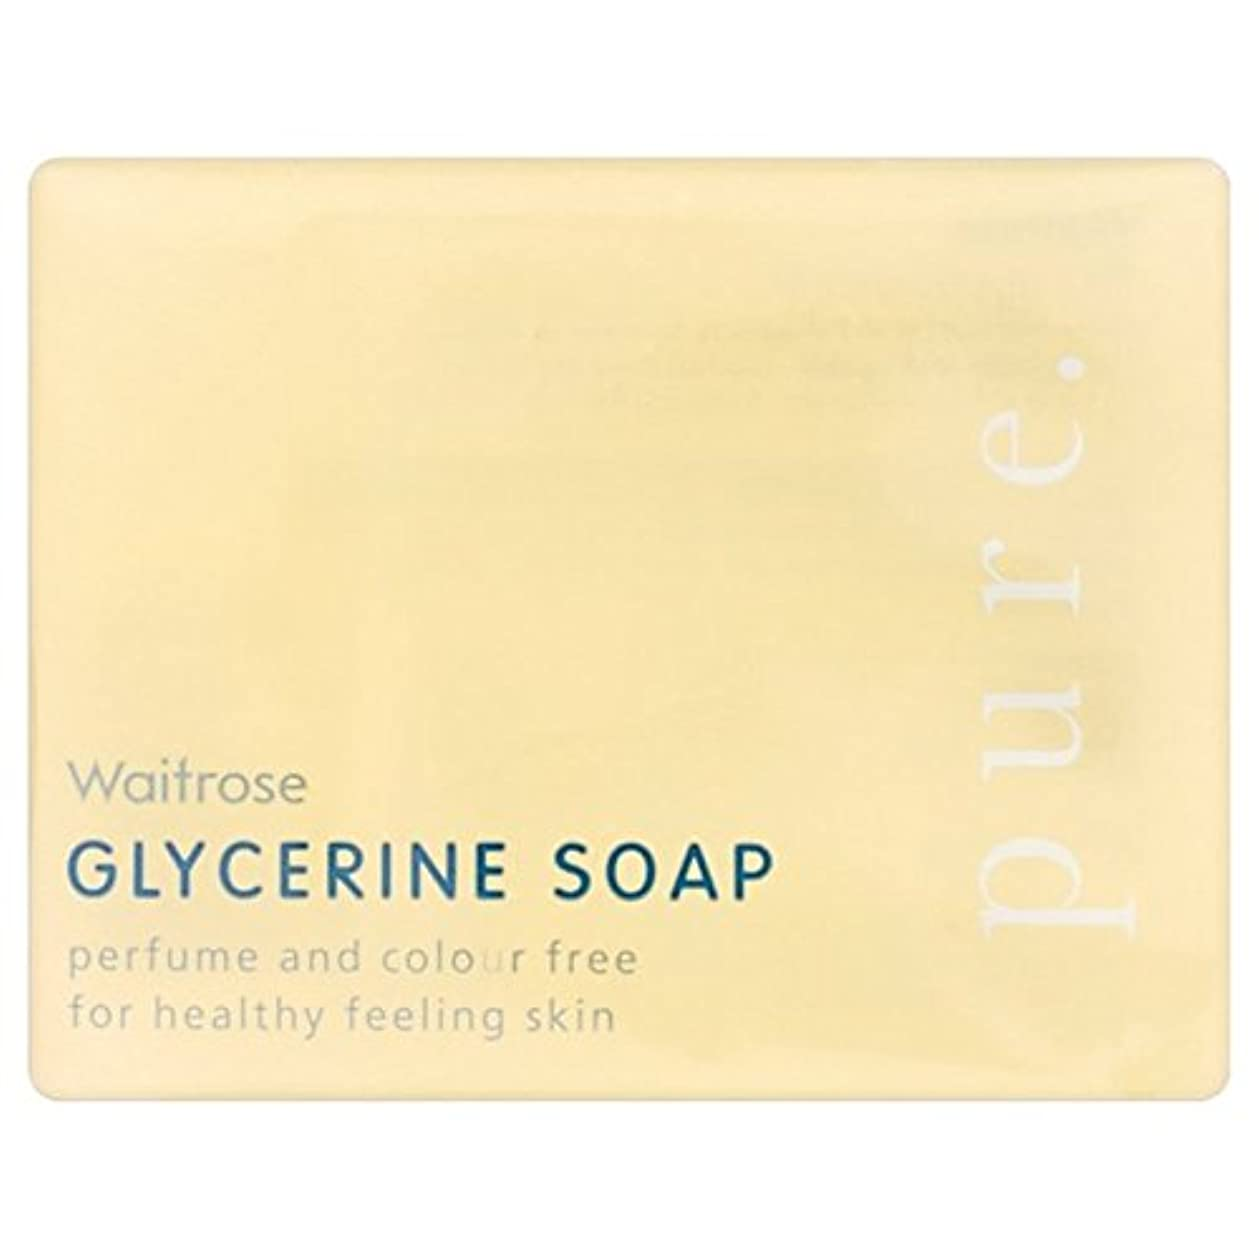 かどうかジャニス自動化Pure Glycerine Soap Waitrose 100g - 純粋なグリセリンソープウェイトローズの100グラム [並行輸入品]